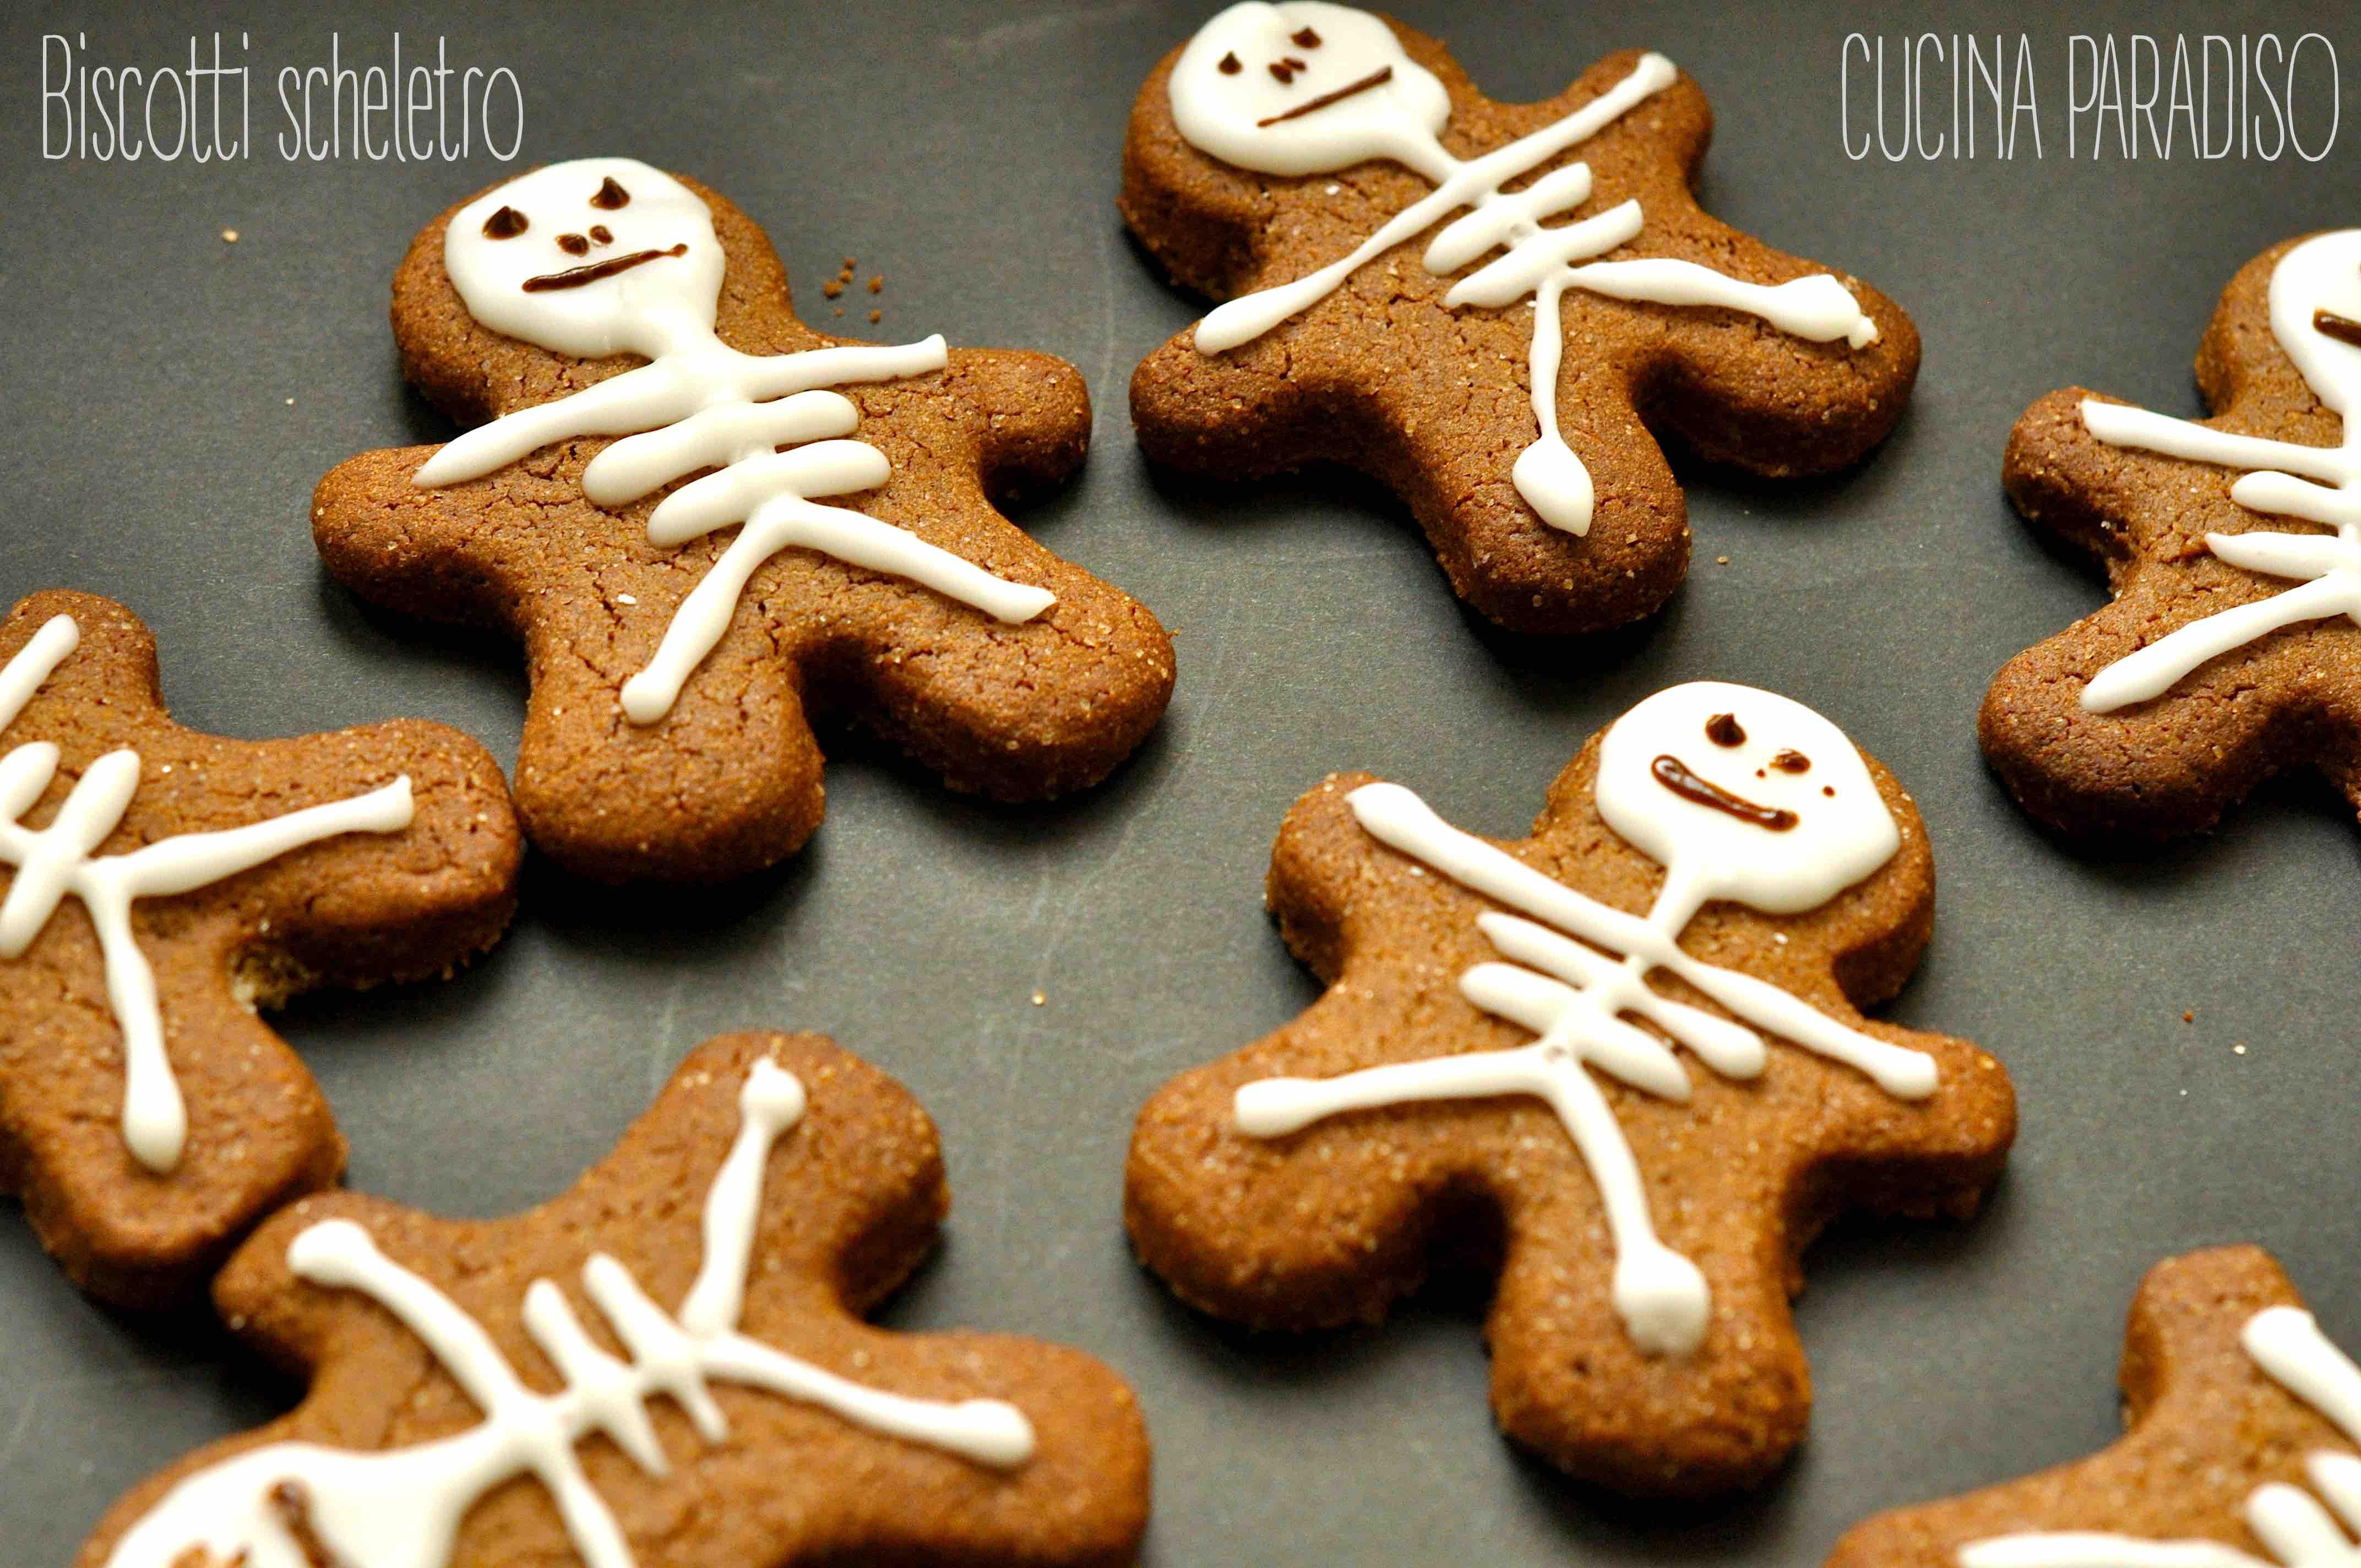 Biscotti scheletro2